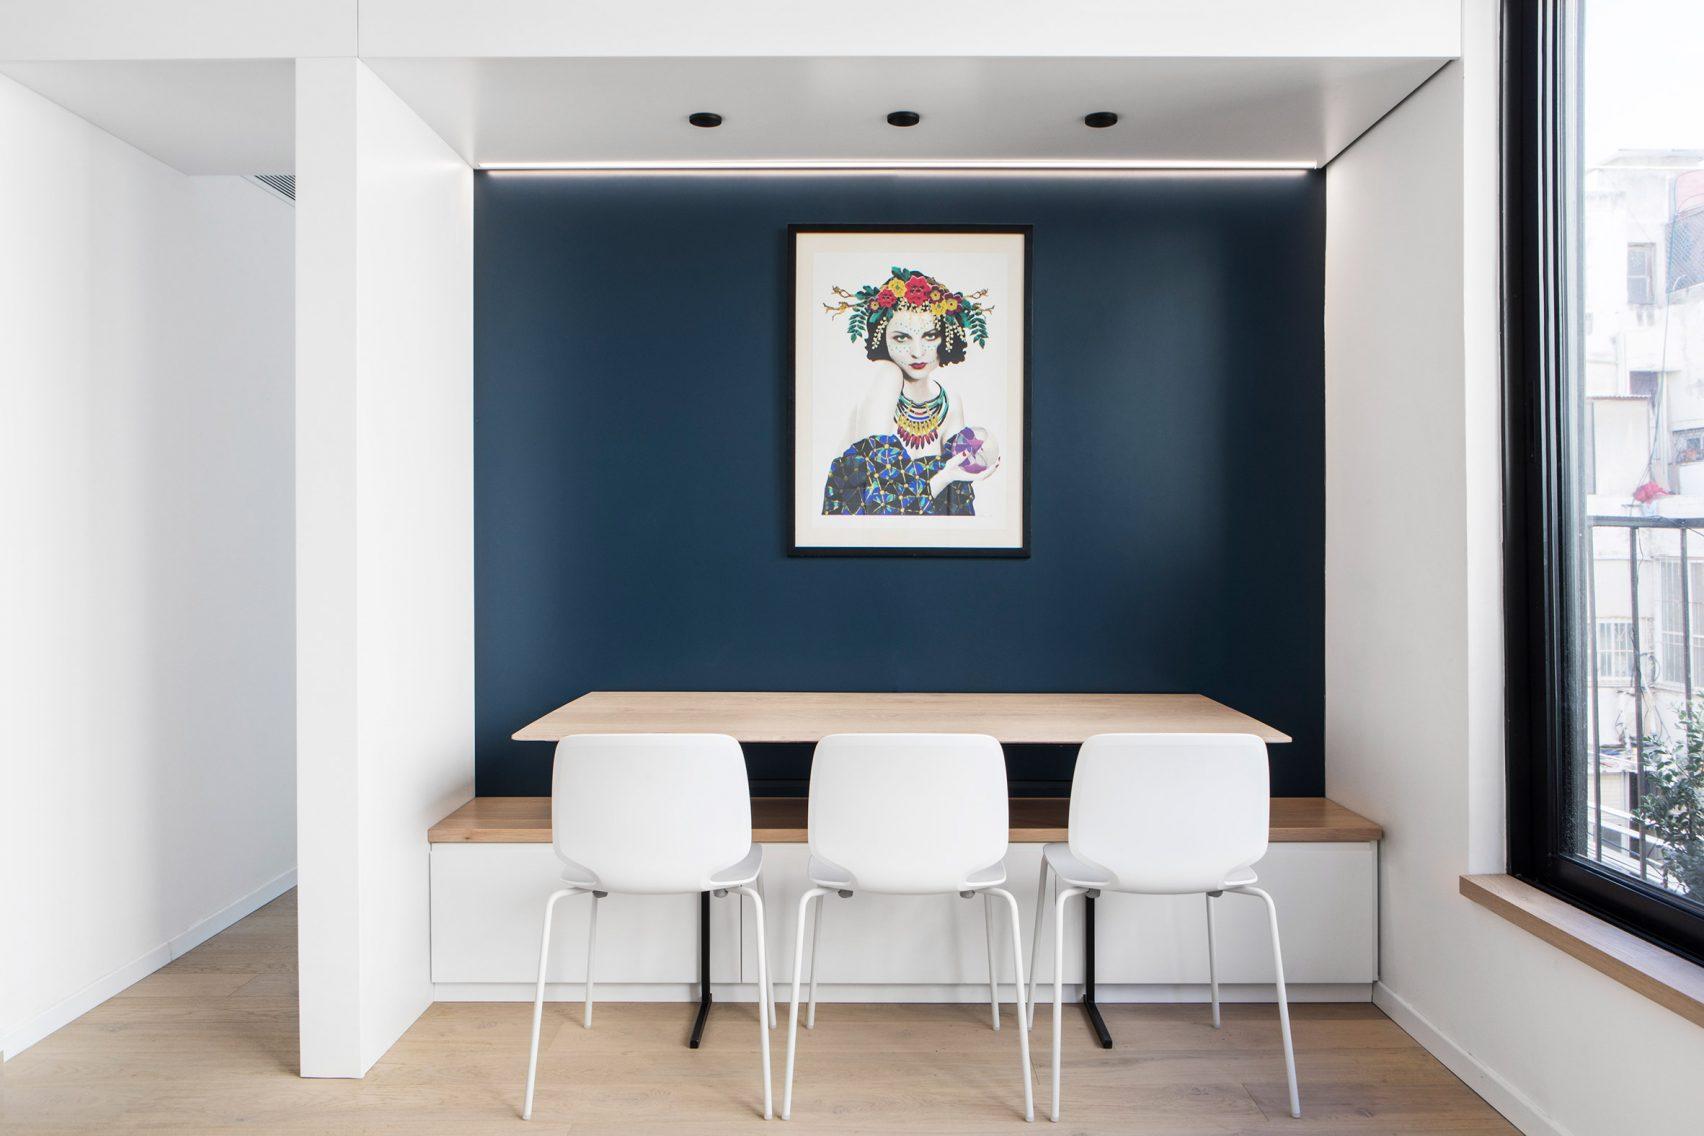 قفسه بجای دیوار های جداکننده برای بهینه سازی فضا در آپارتمان کوچک / Maayan Zusman